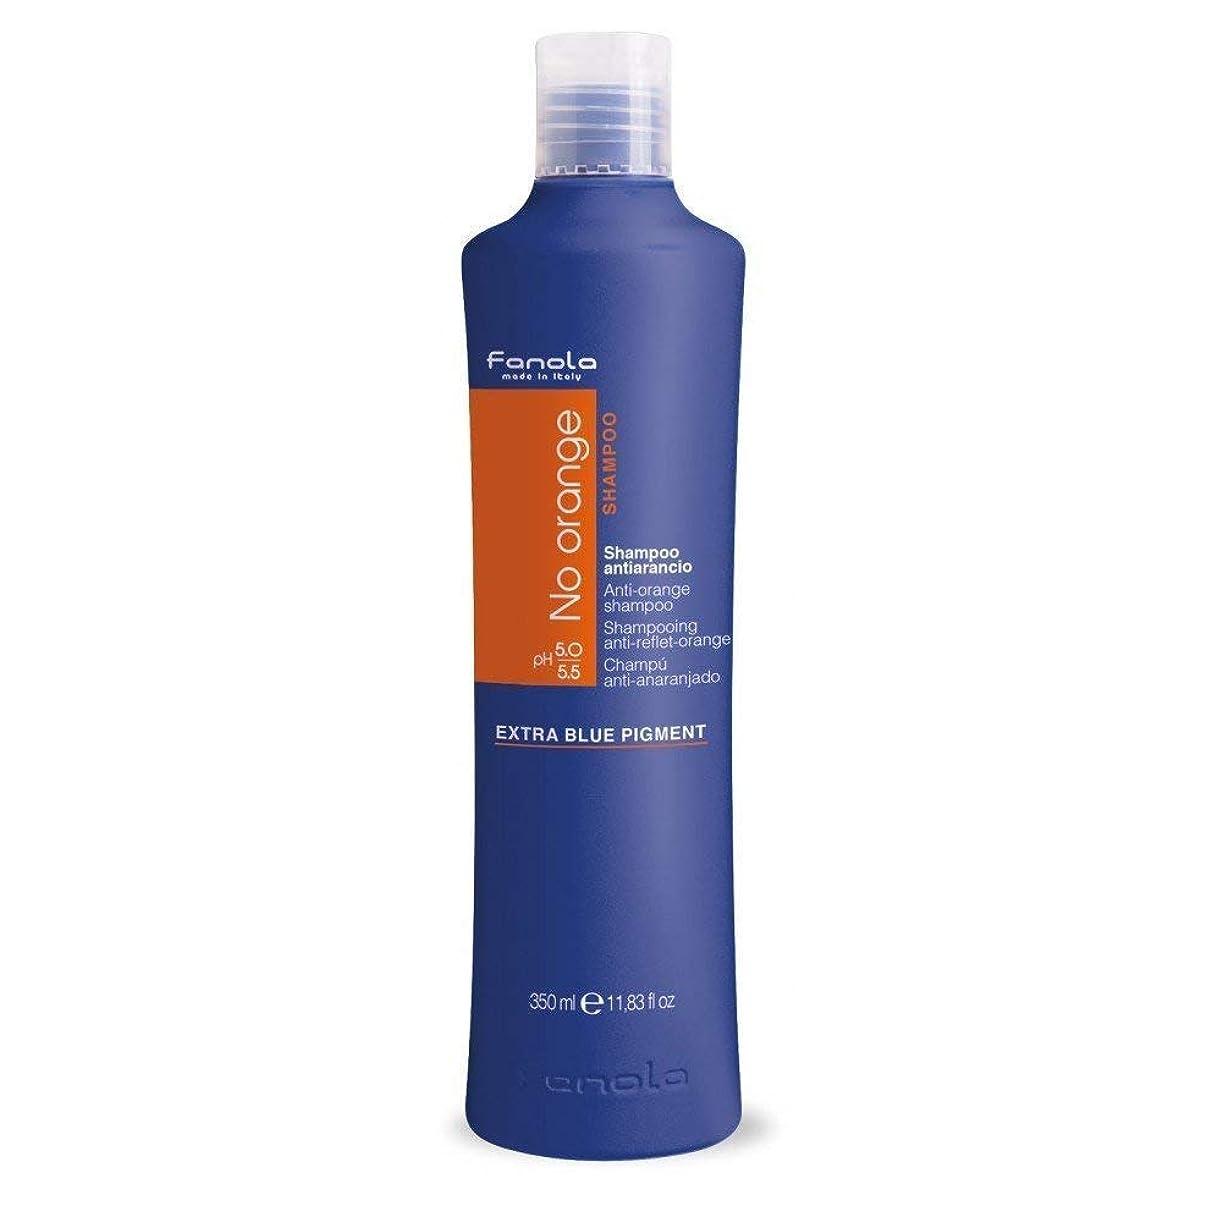 チーフ低いグラムFanola No Orange Shampoo 350 ml  青カラーシャンプー ノーオレンジ シャンプー 海外直送 [並行輸入品]